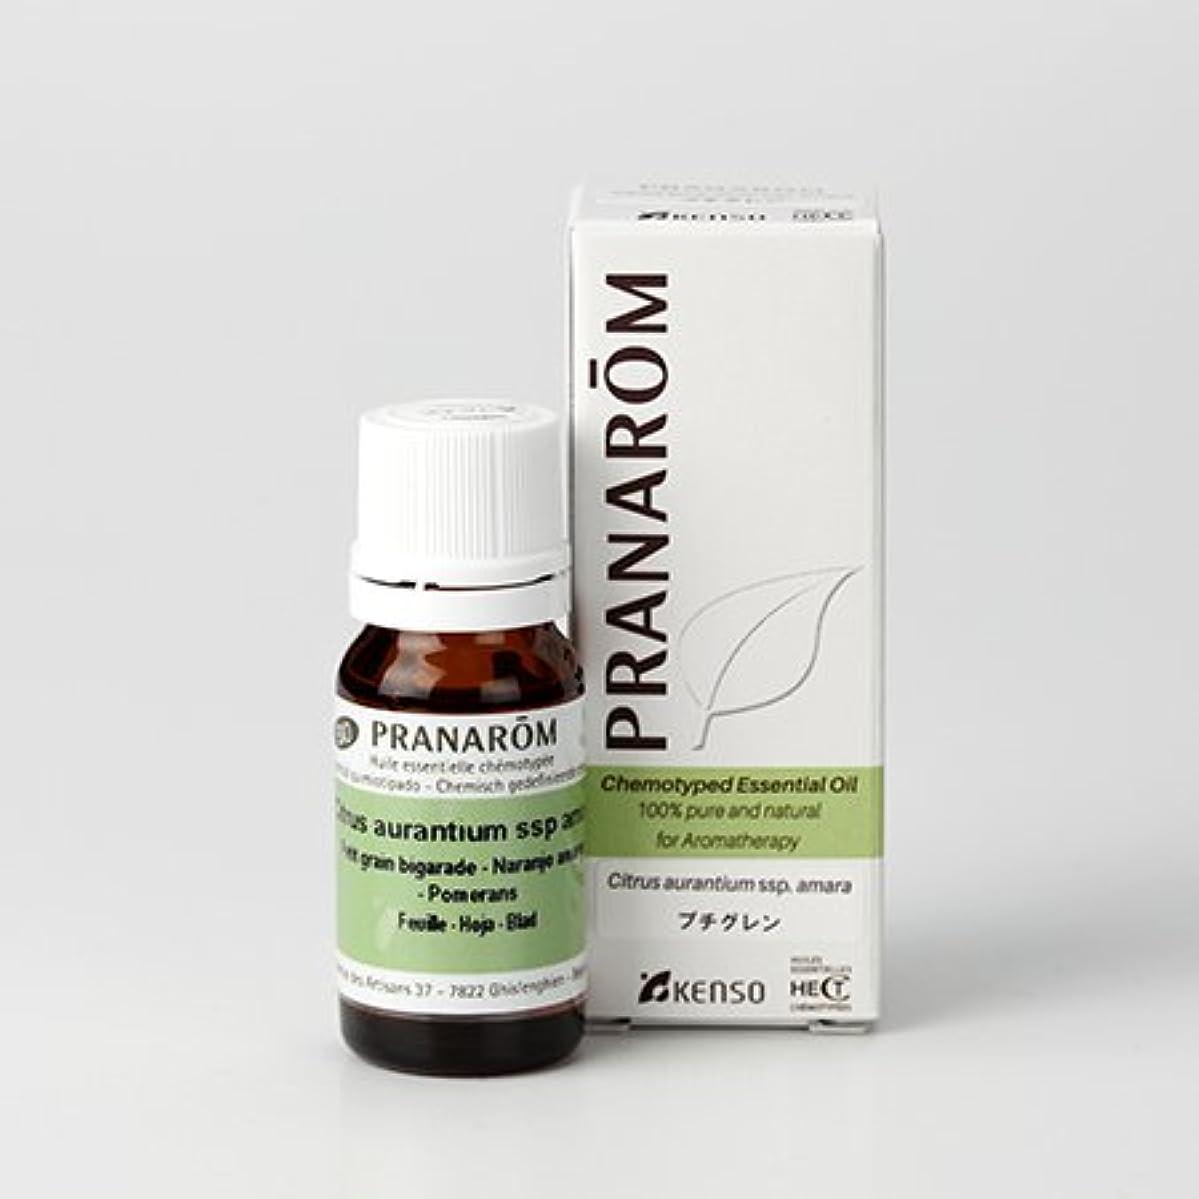 のど動物バウンドプラナロム ( PRANAROM ) 精油 プチグレン 10ml p-38